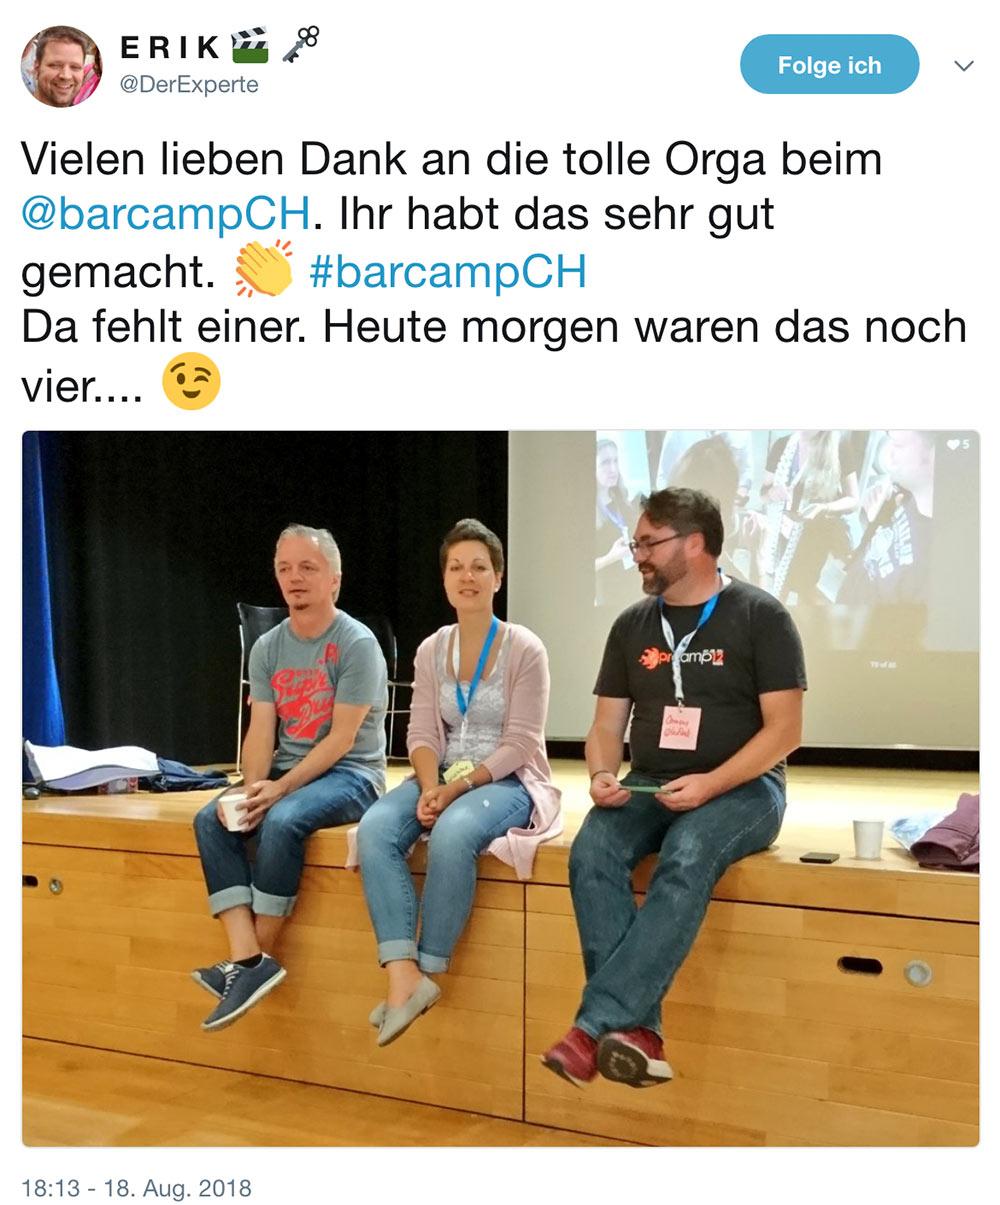 barcamp schweiz 2018 barcampch tweets 10 - Barcamp Schweiz 2018 - Mein Rückblick